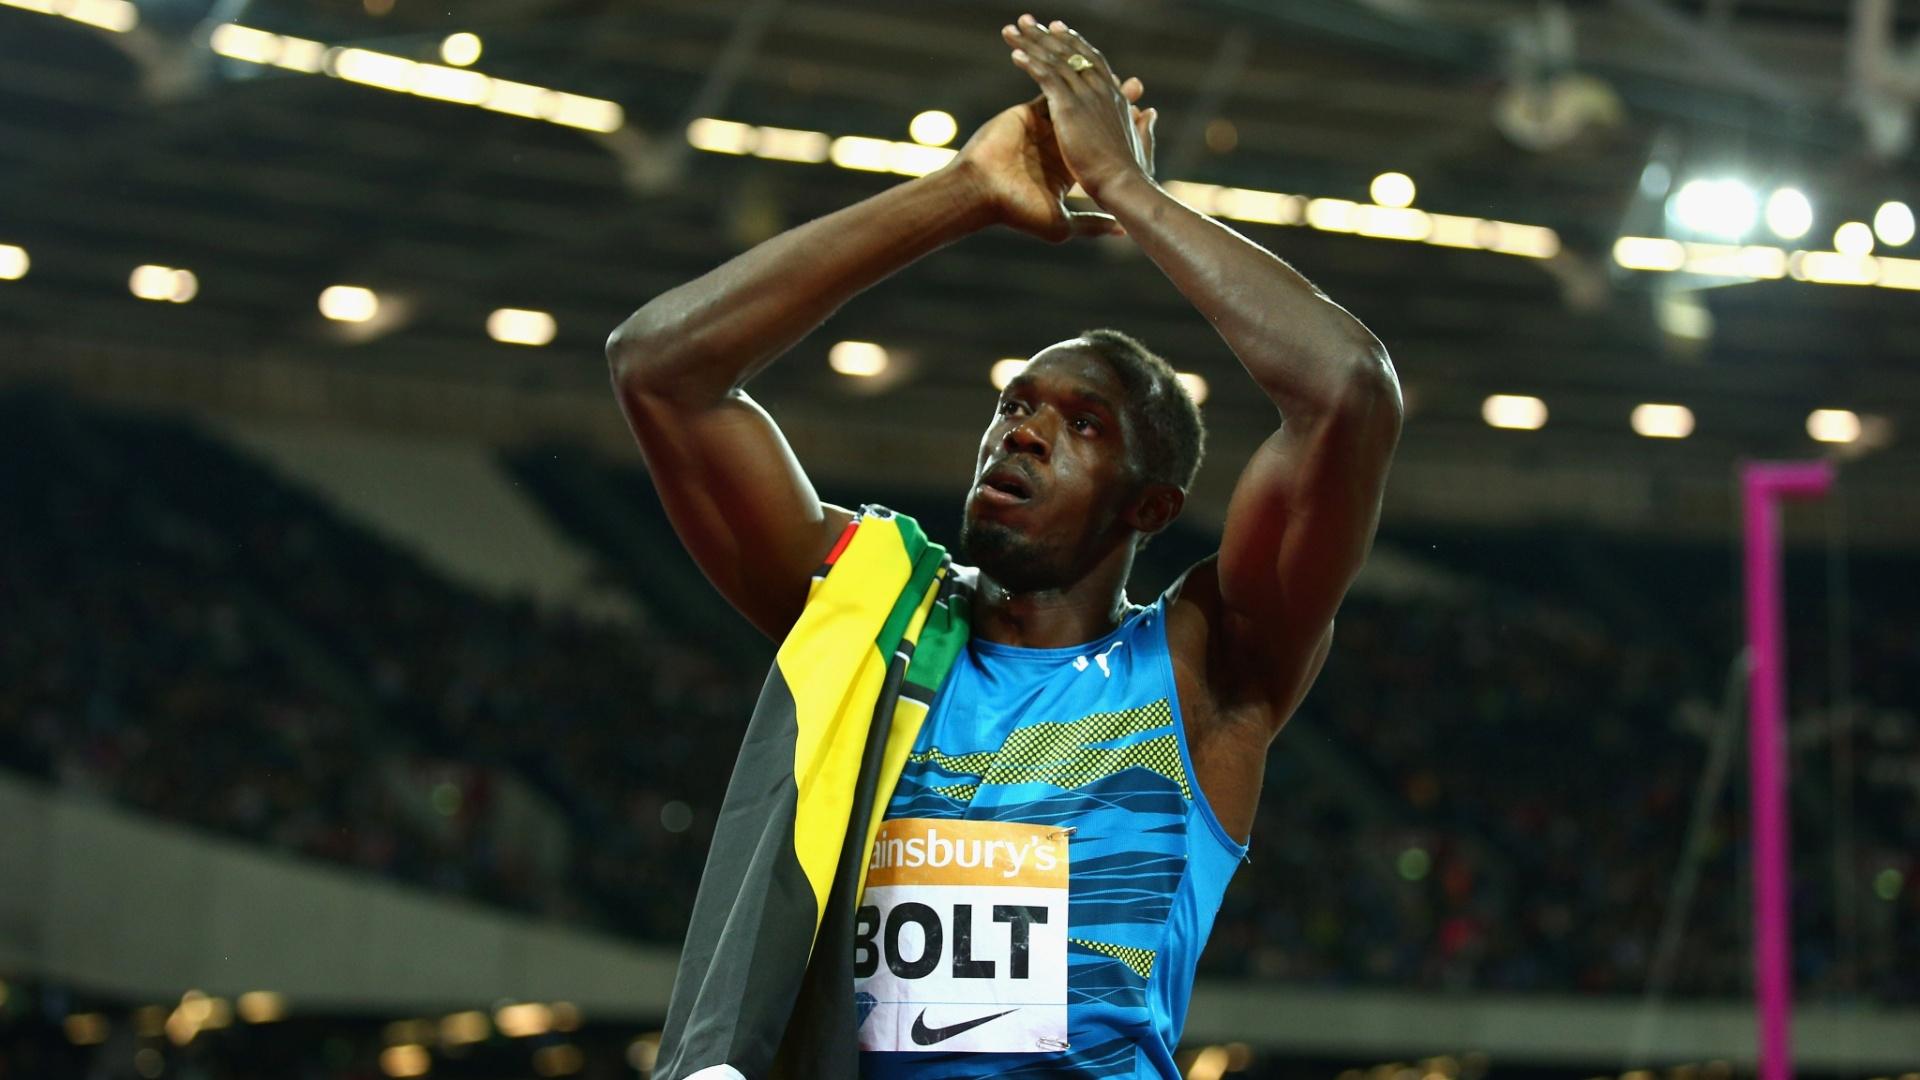 Bolt comemora após vitória nos 100m em Londres